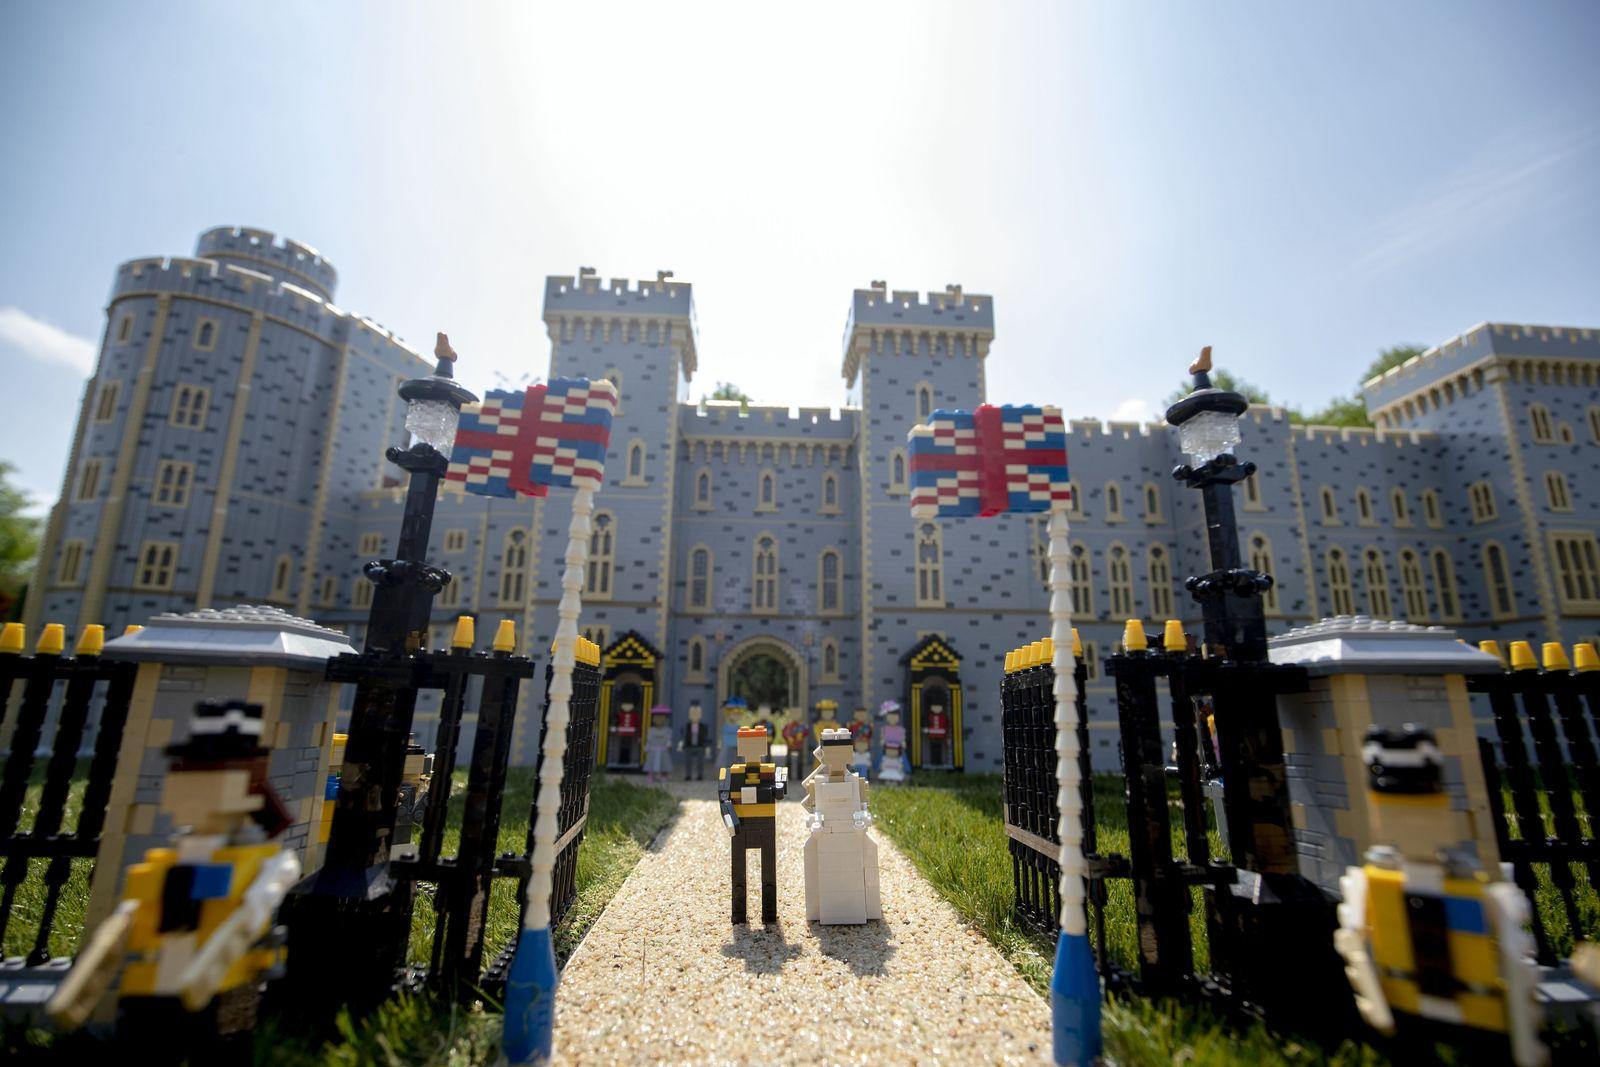 Hochzeit von Harry und Meghan im Legoland